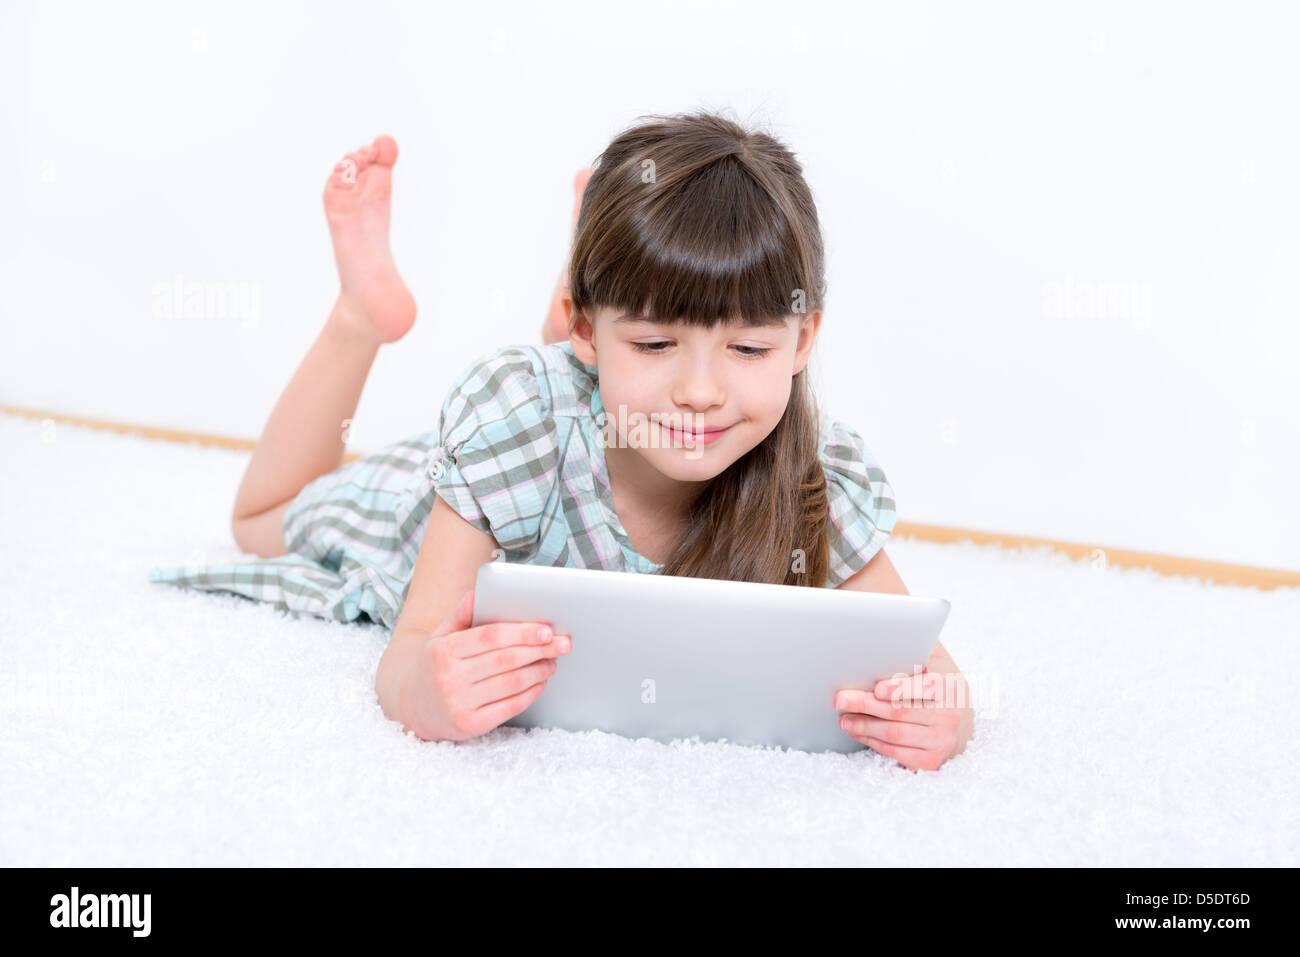 Jeune fille (6-7 ans) à la recherche et à jouer avec une tablette numérique en salle blanche. Photo Stock